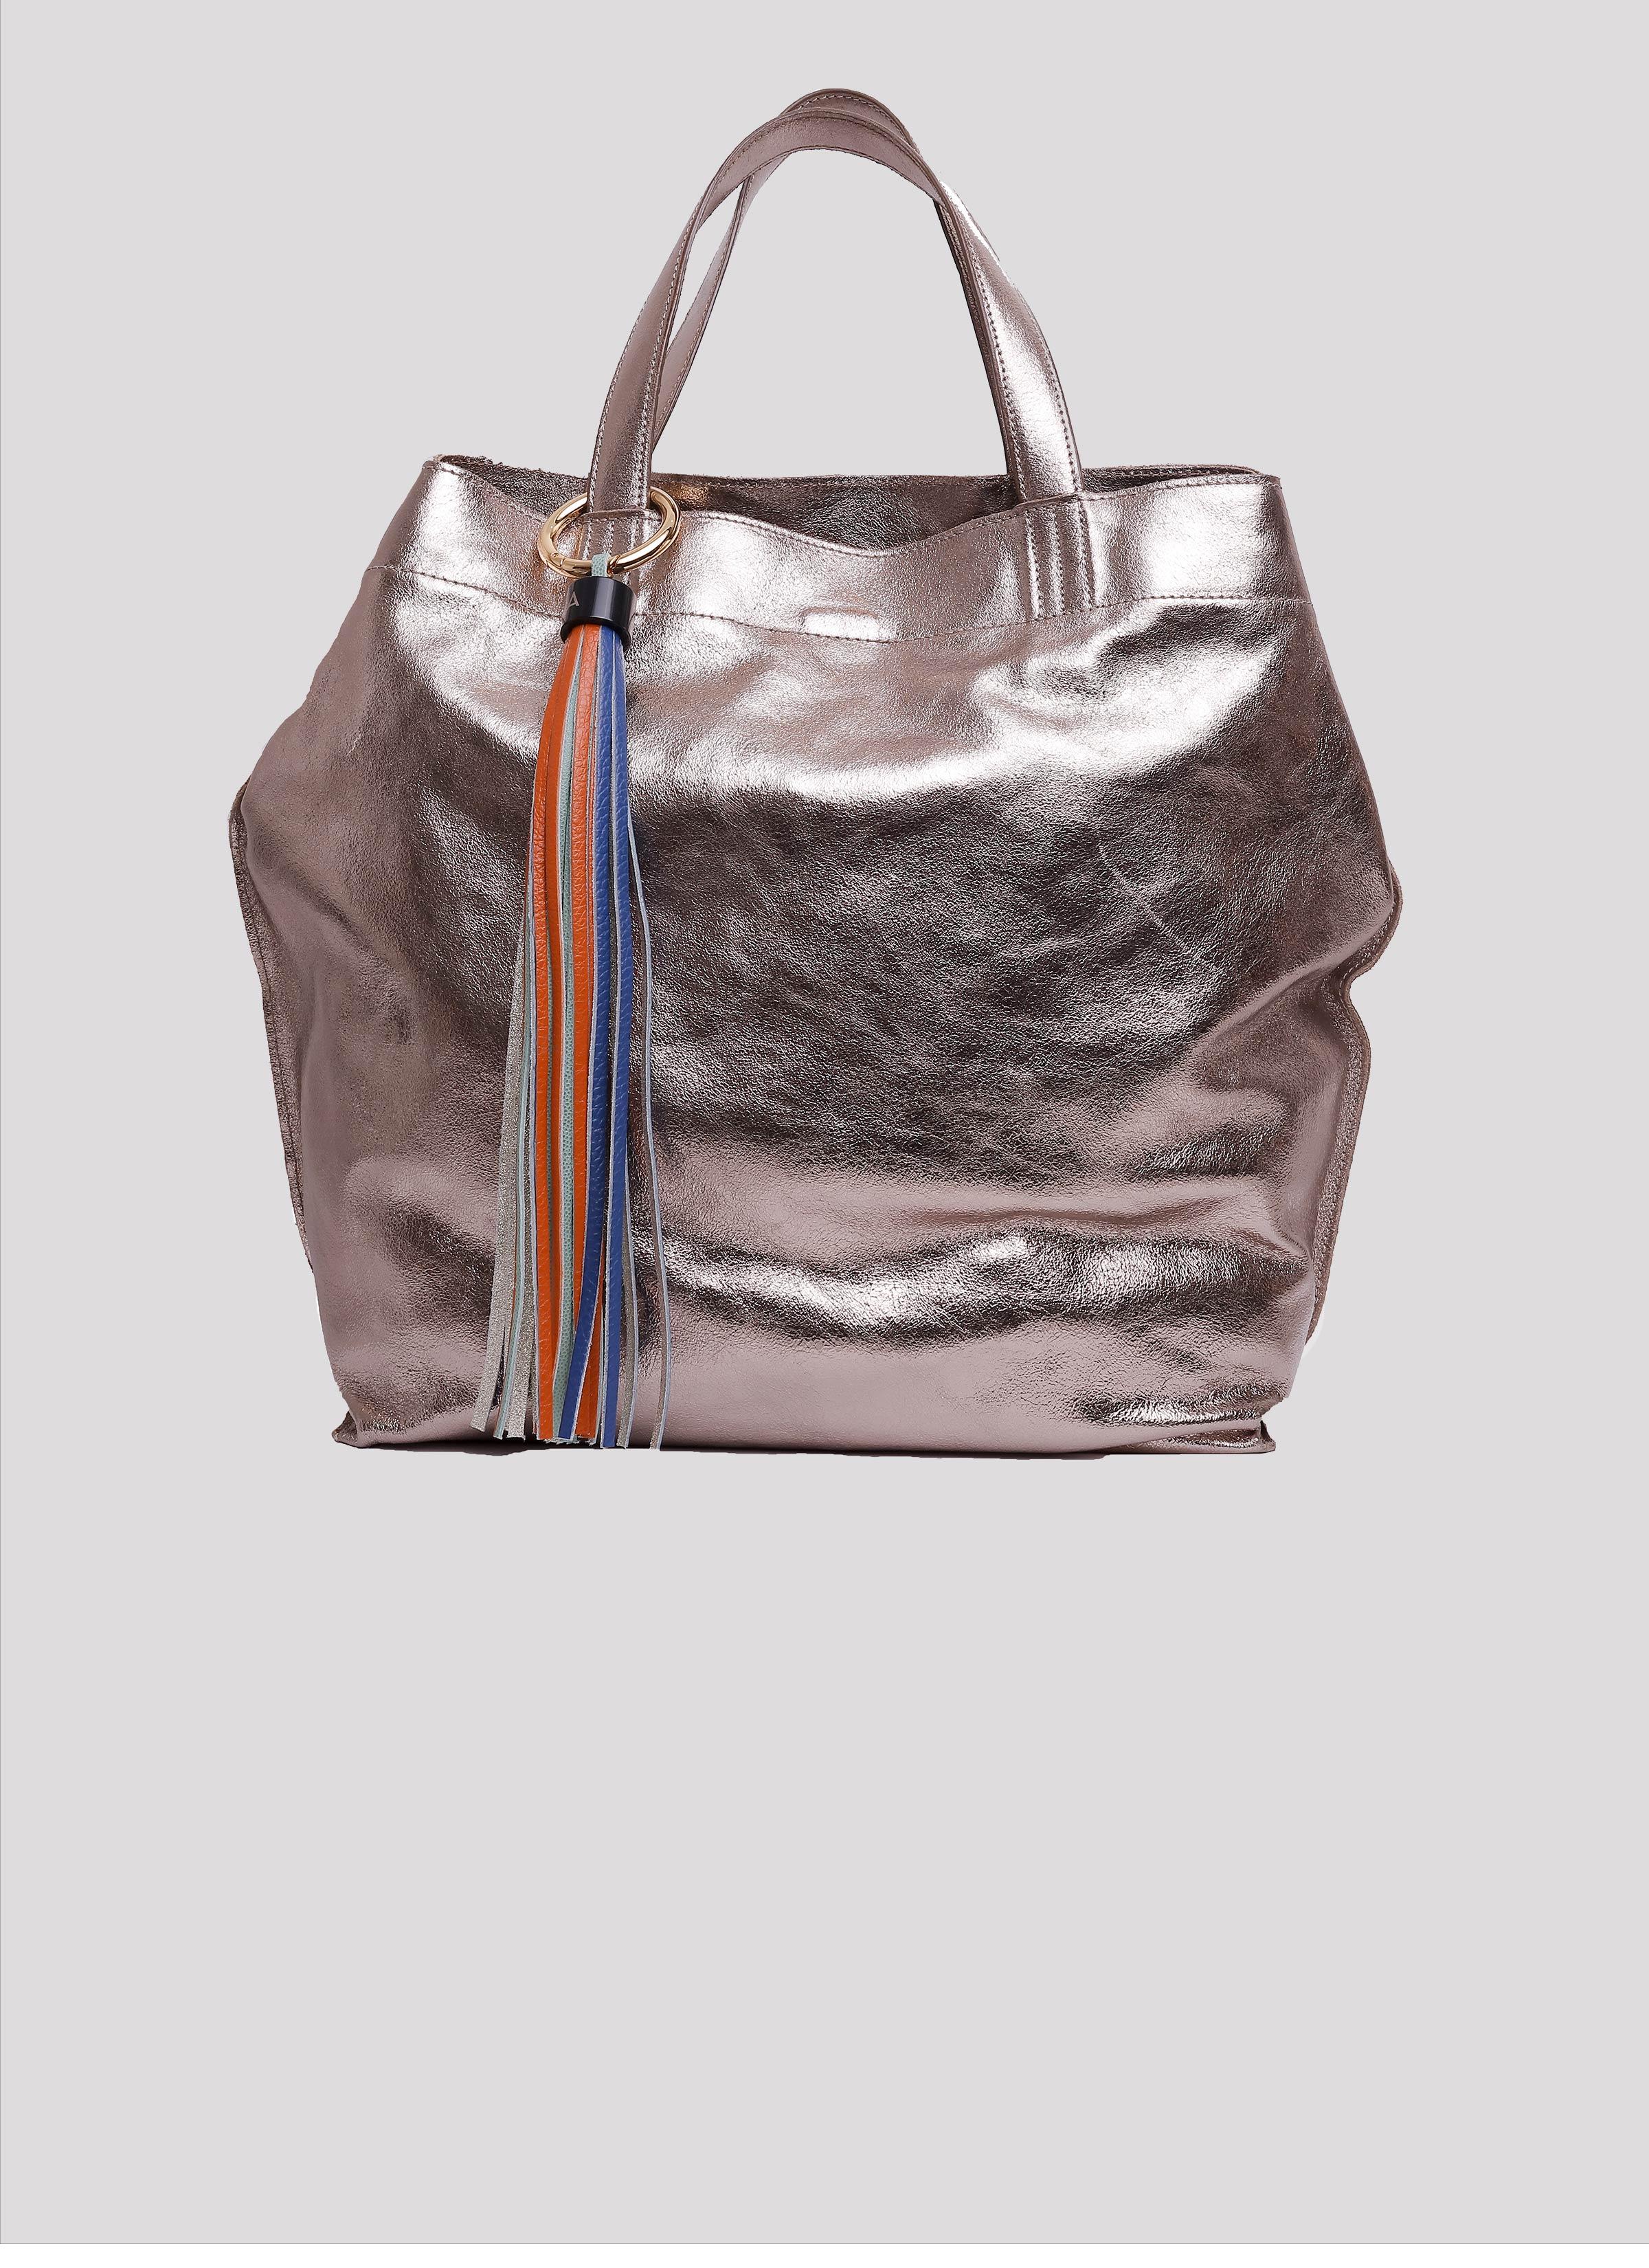 Borsa Almala in pelle bronzo effetto metallizzato di Mariella Gennarino